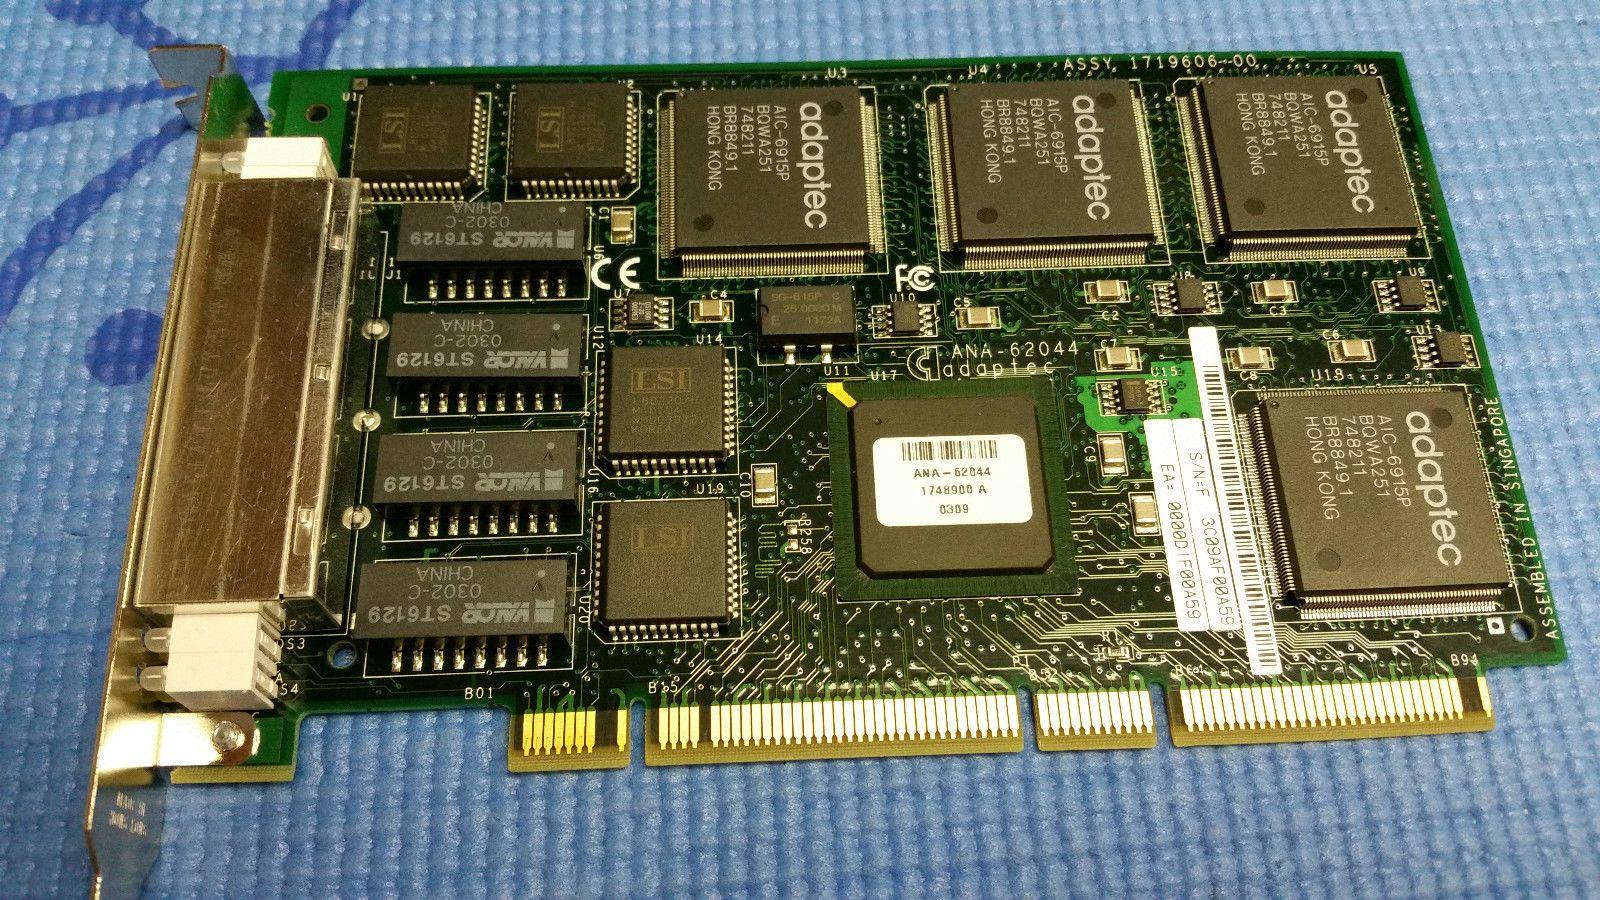 ANA-62044 PCI 64-разрядный четырехъядерный 4-портовый сетевой адаптер Ethernet Lan